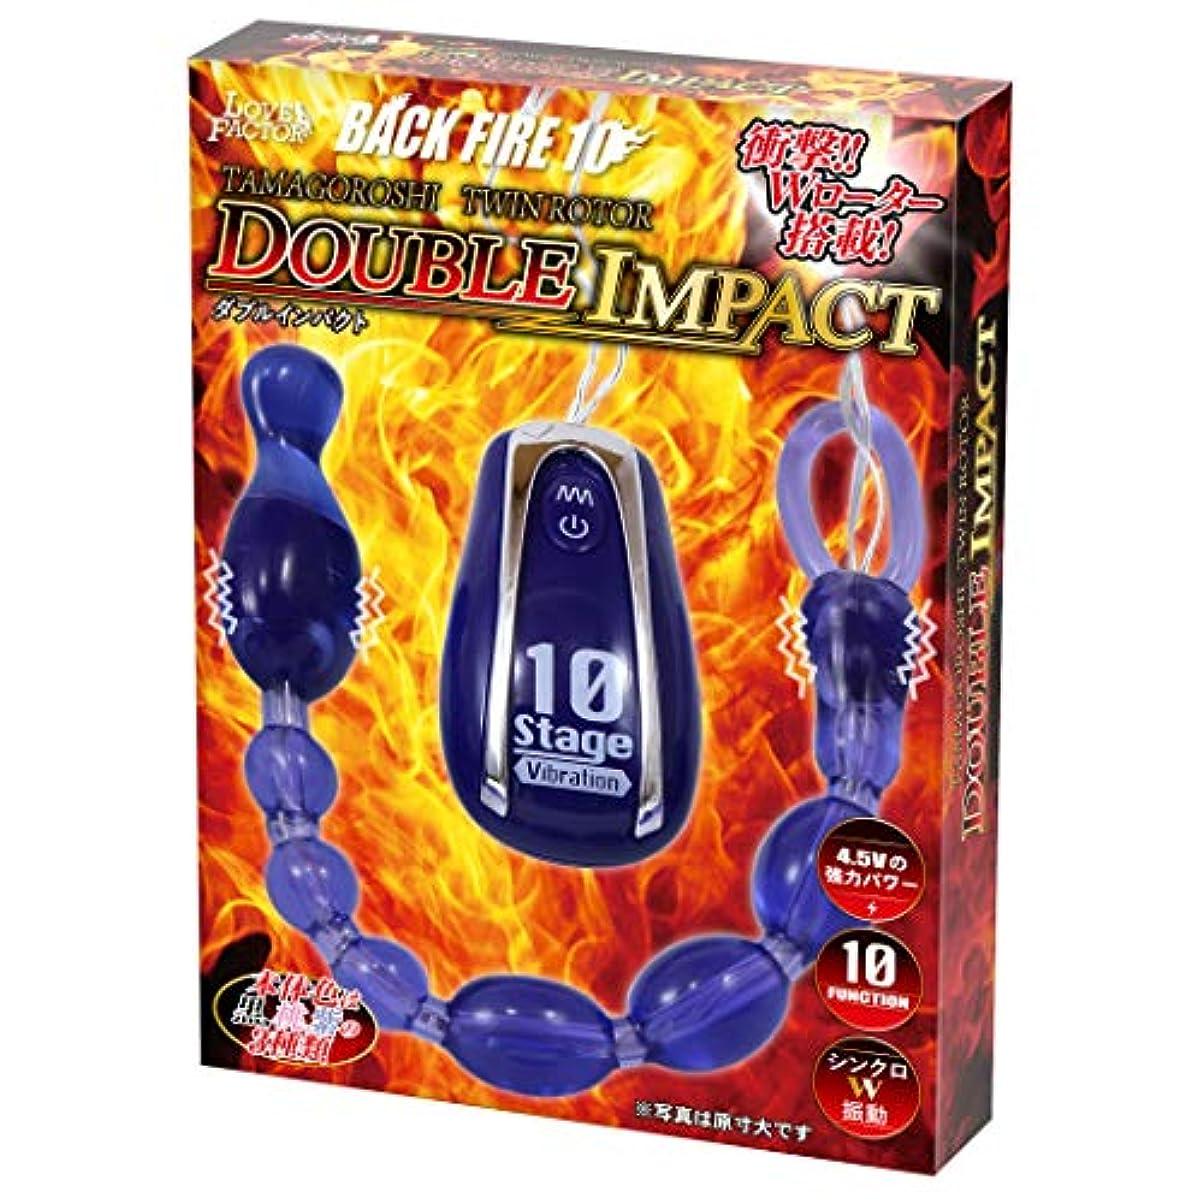 車両窒息させる虫を数えるBACK FIRE TAMAGOROSHIツインローターダブルインパクト紫 アナル拡張 アナル開発 プラグ SM調教 携帯式 野外プレー 男女兼用